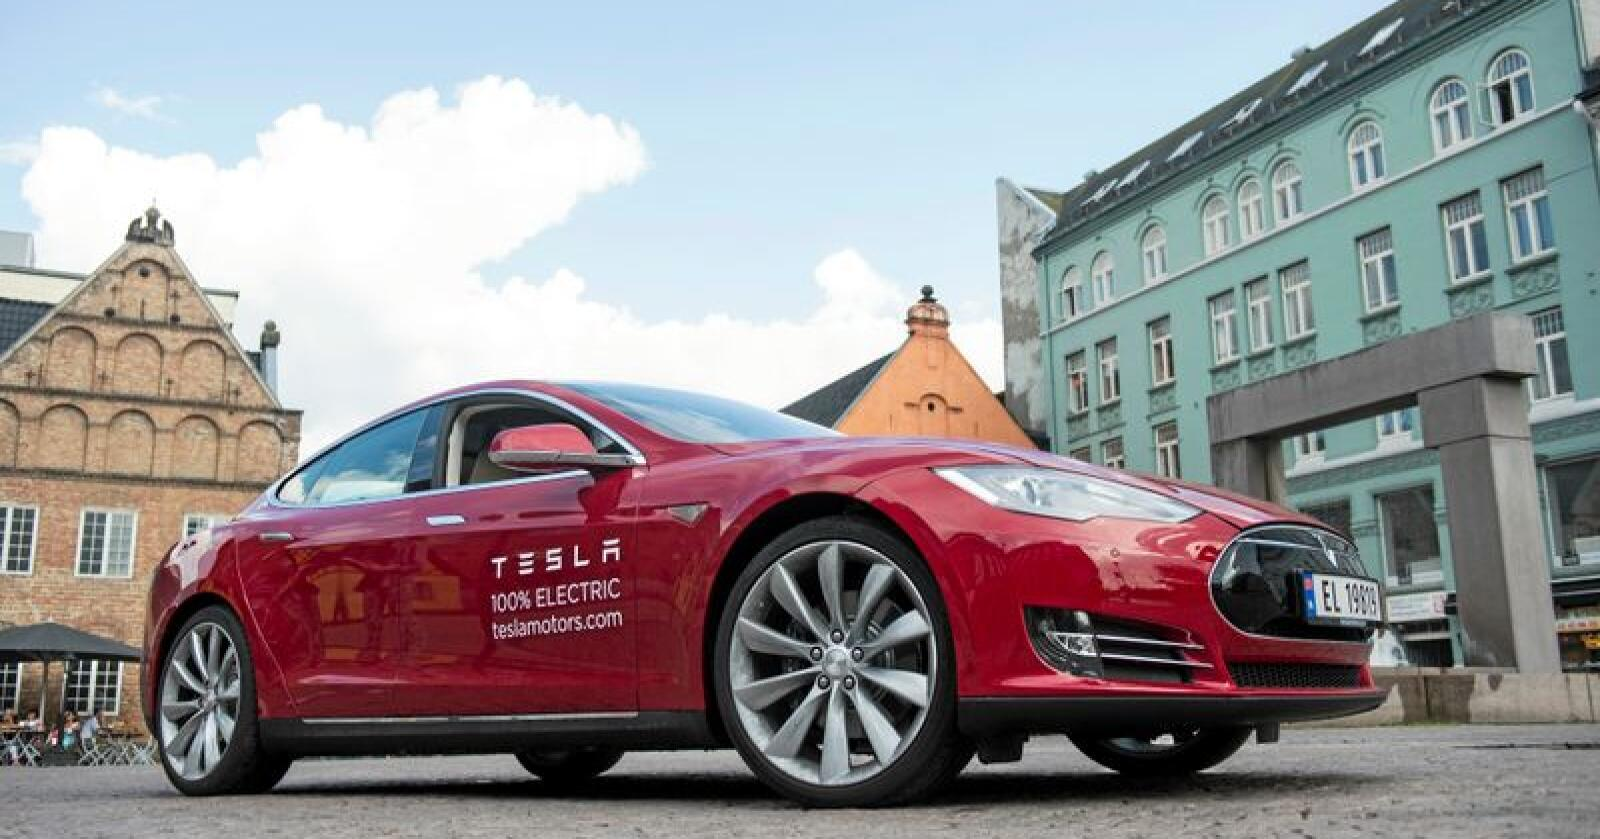 En rød klut: Den nye Tesla-fabrikken i Tyskland er omstridt. Foto: Aleksander Andersen / NTB scanpix